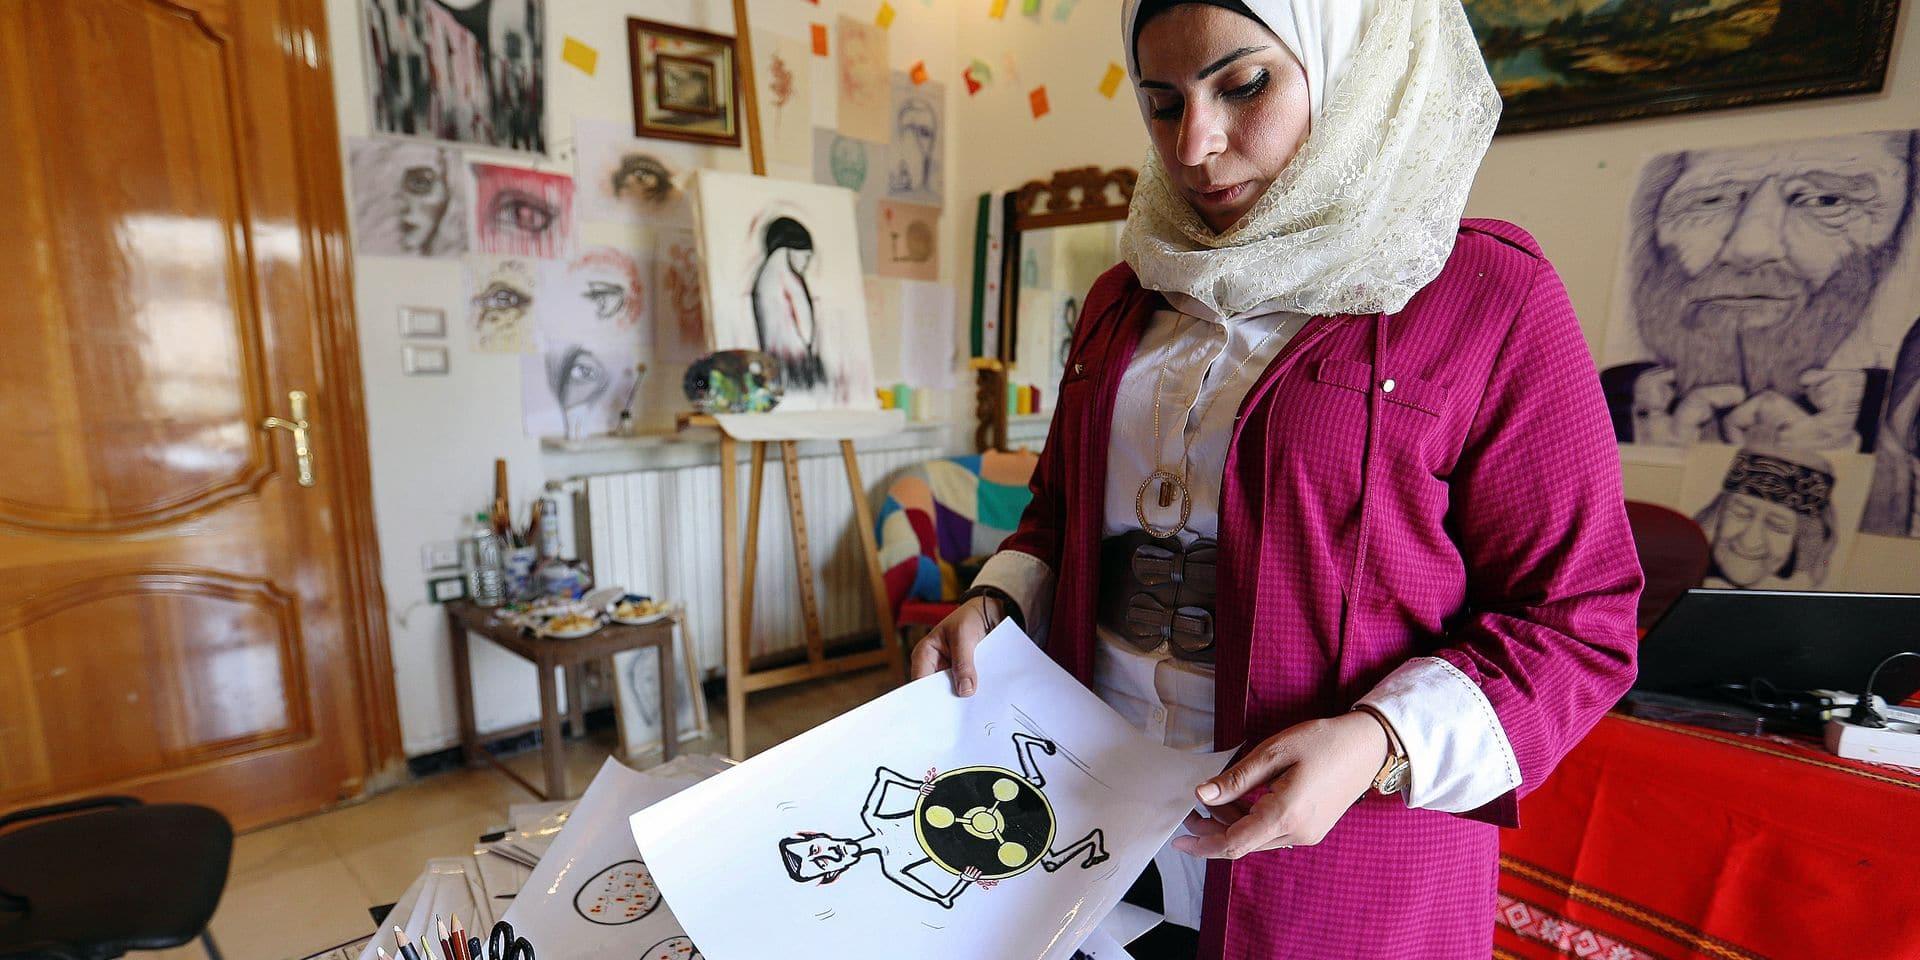 À Idleb, en Syrie, l'art de résister par la caricature